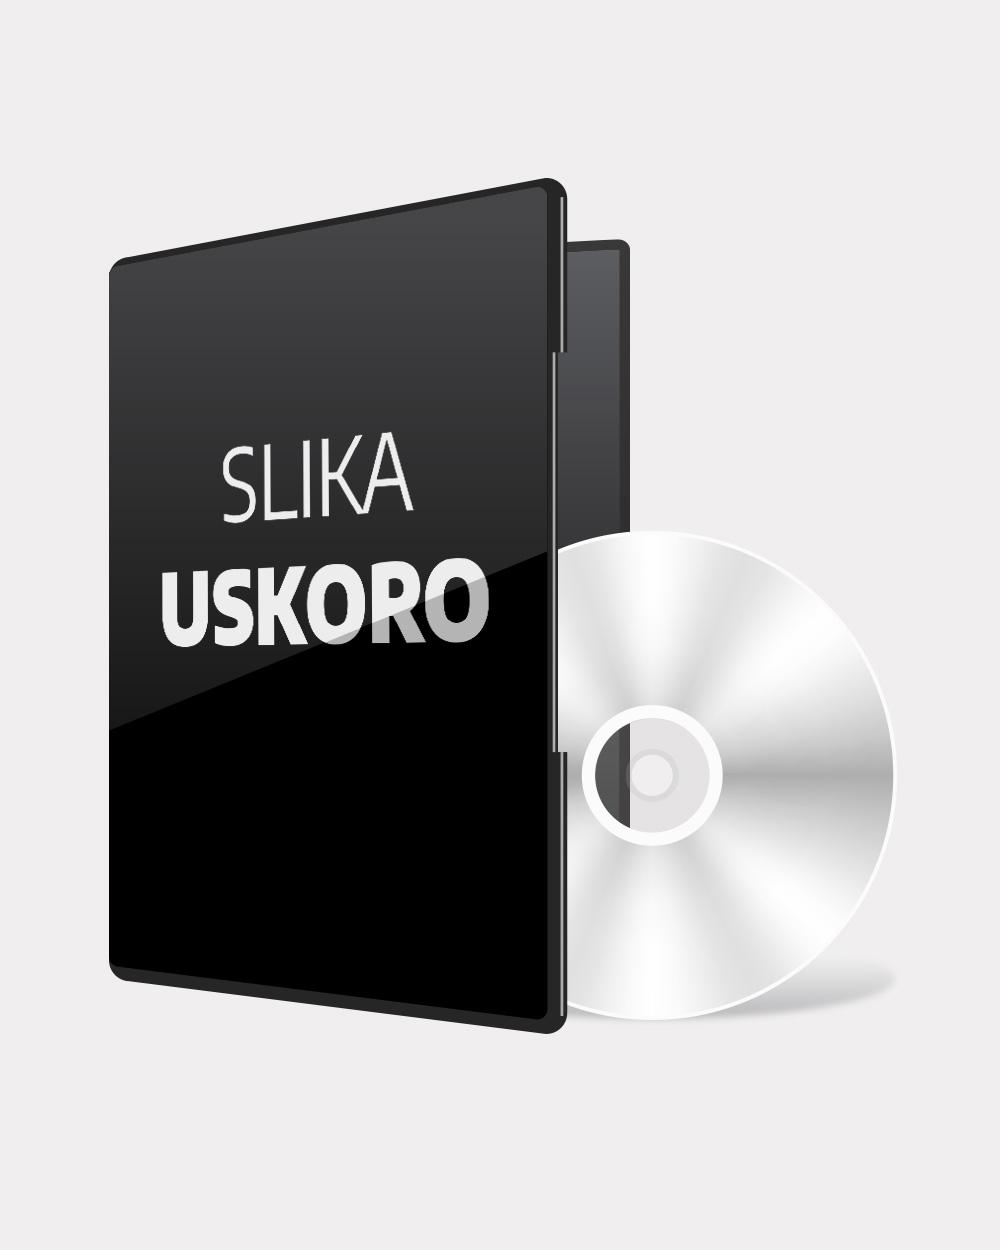 Eksterni Hard Disk – Toshiba 1TB za PS3 i XB360 i PS4 (USB 3.0 )